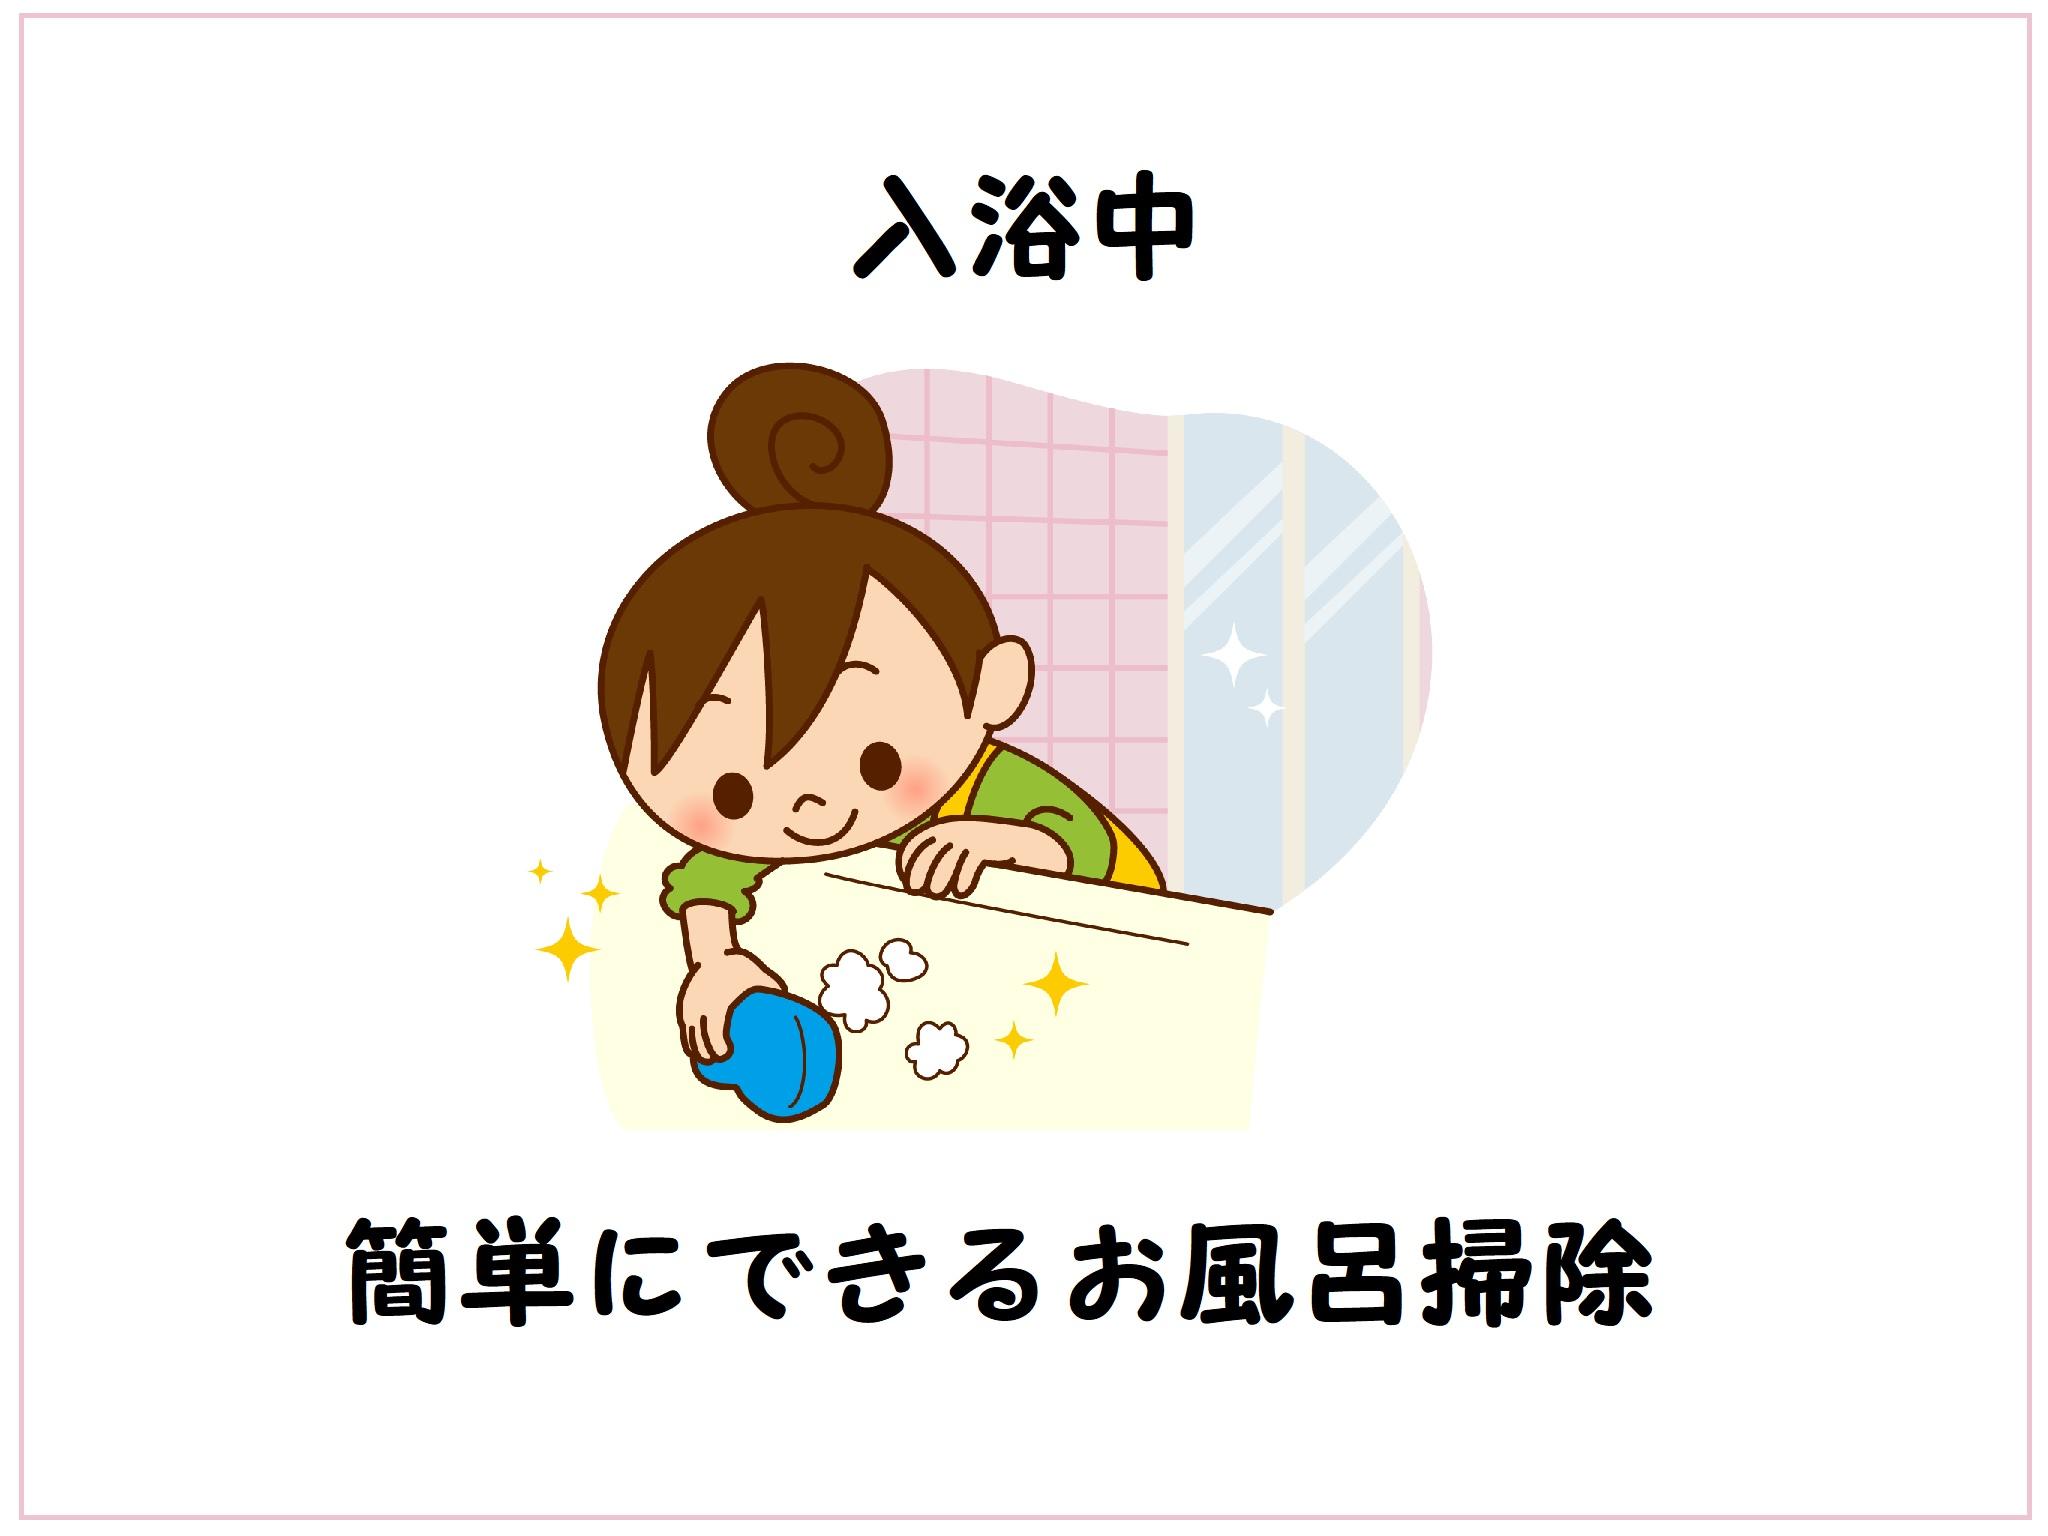 入浴中お風呂での「ながら掃除」で家事時間短縮!意外と簡単にできる方法